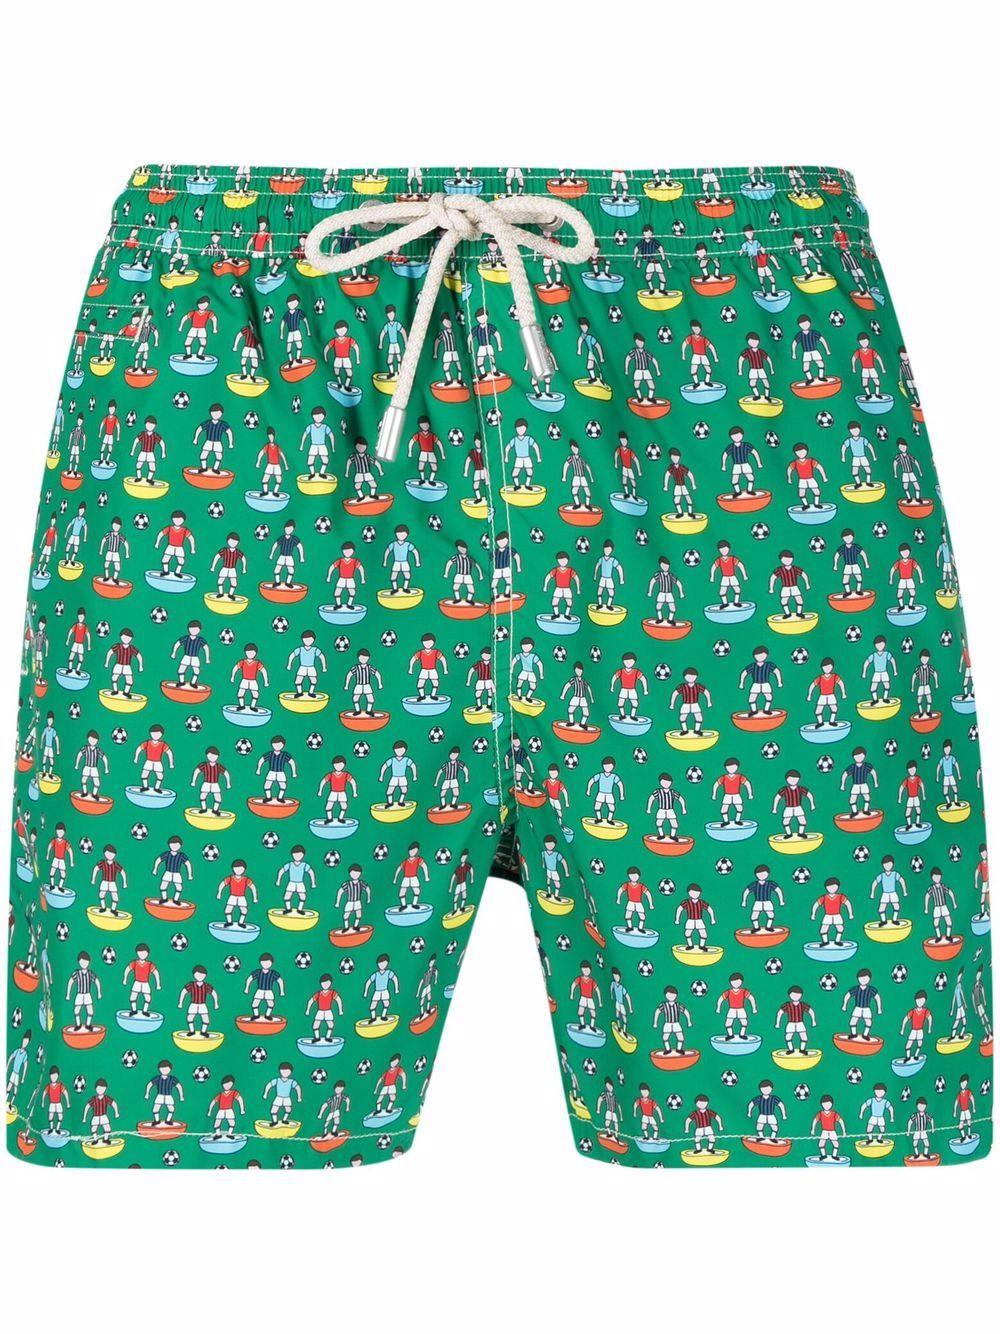 pantaloncini da bagno verdi in poliestere riciclato con stampa Subbuteo MC2 | Costumi | LIGHTING MICRO FANTASY-SUBBUT51